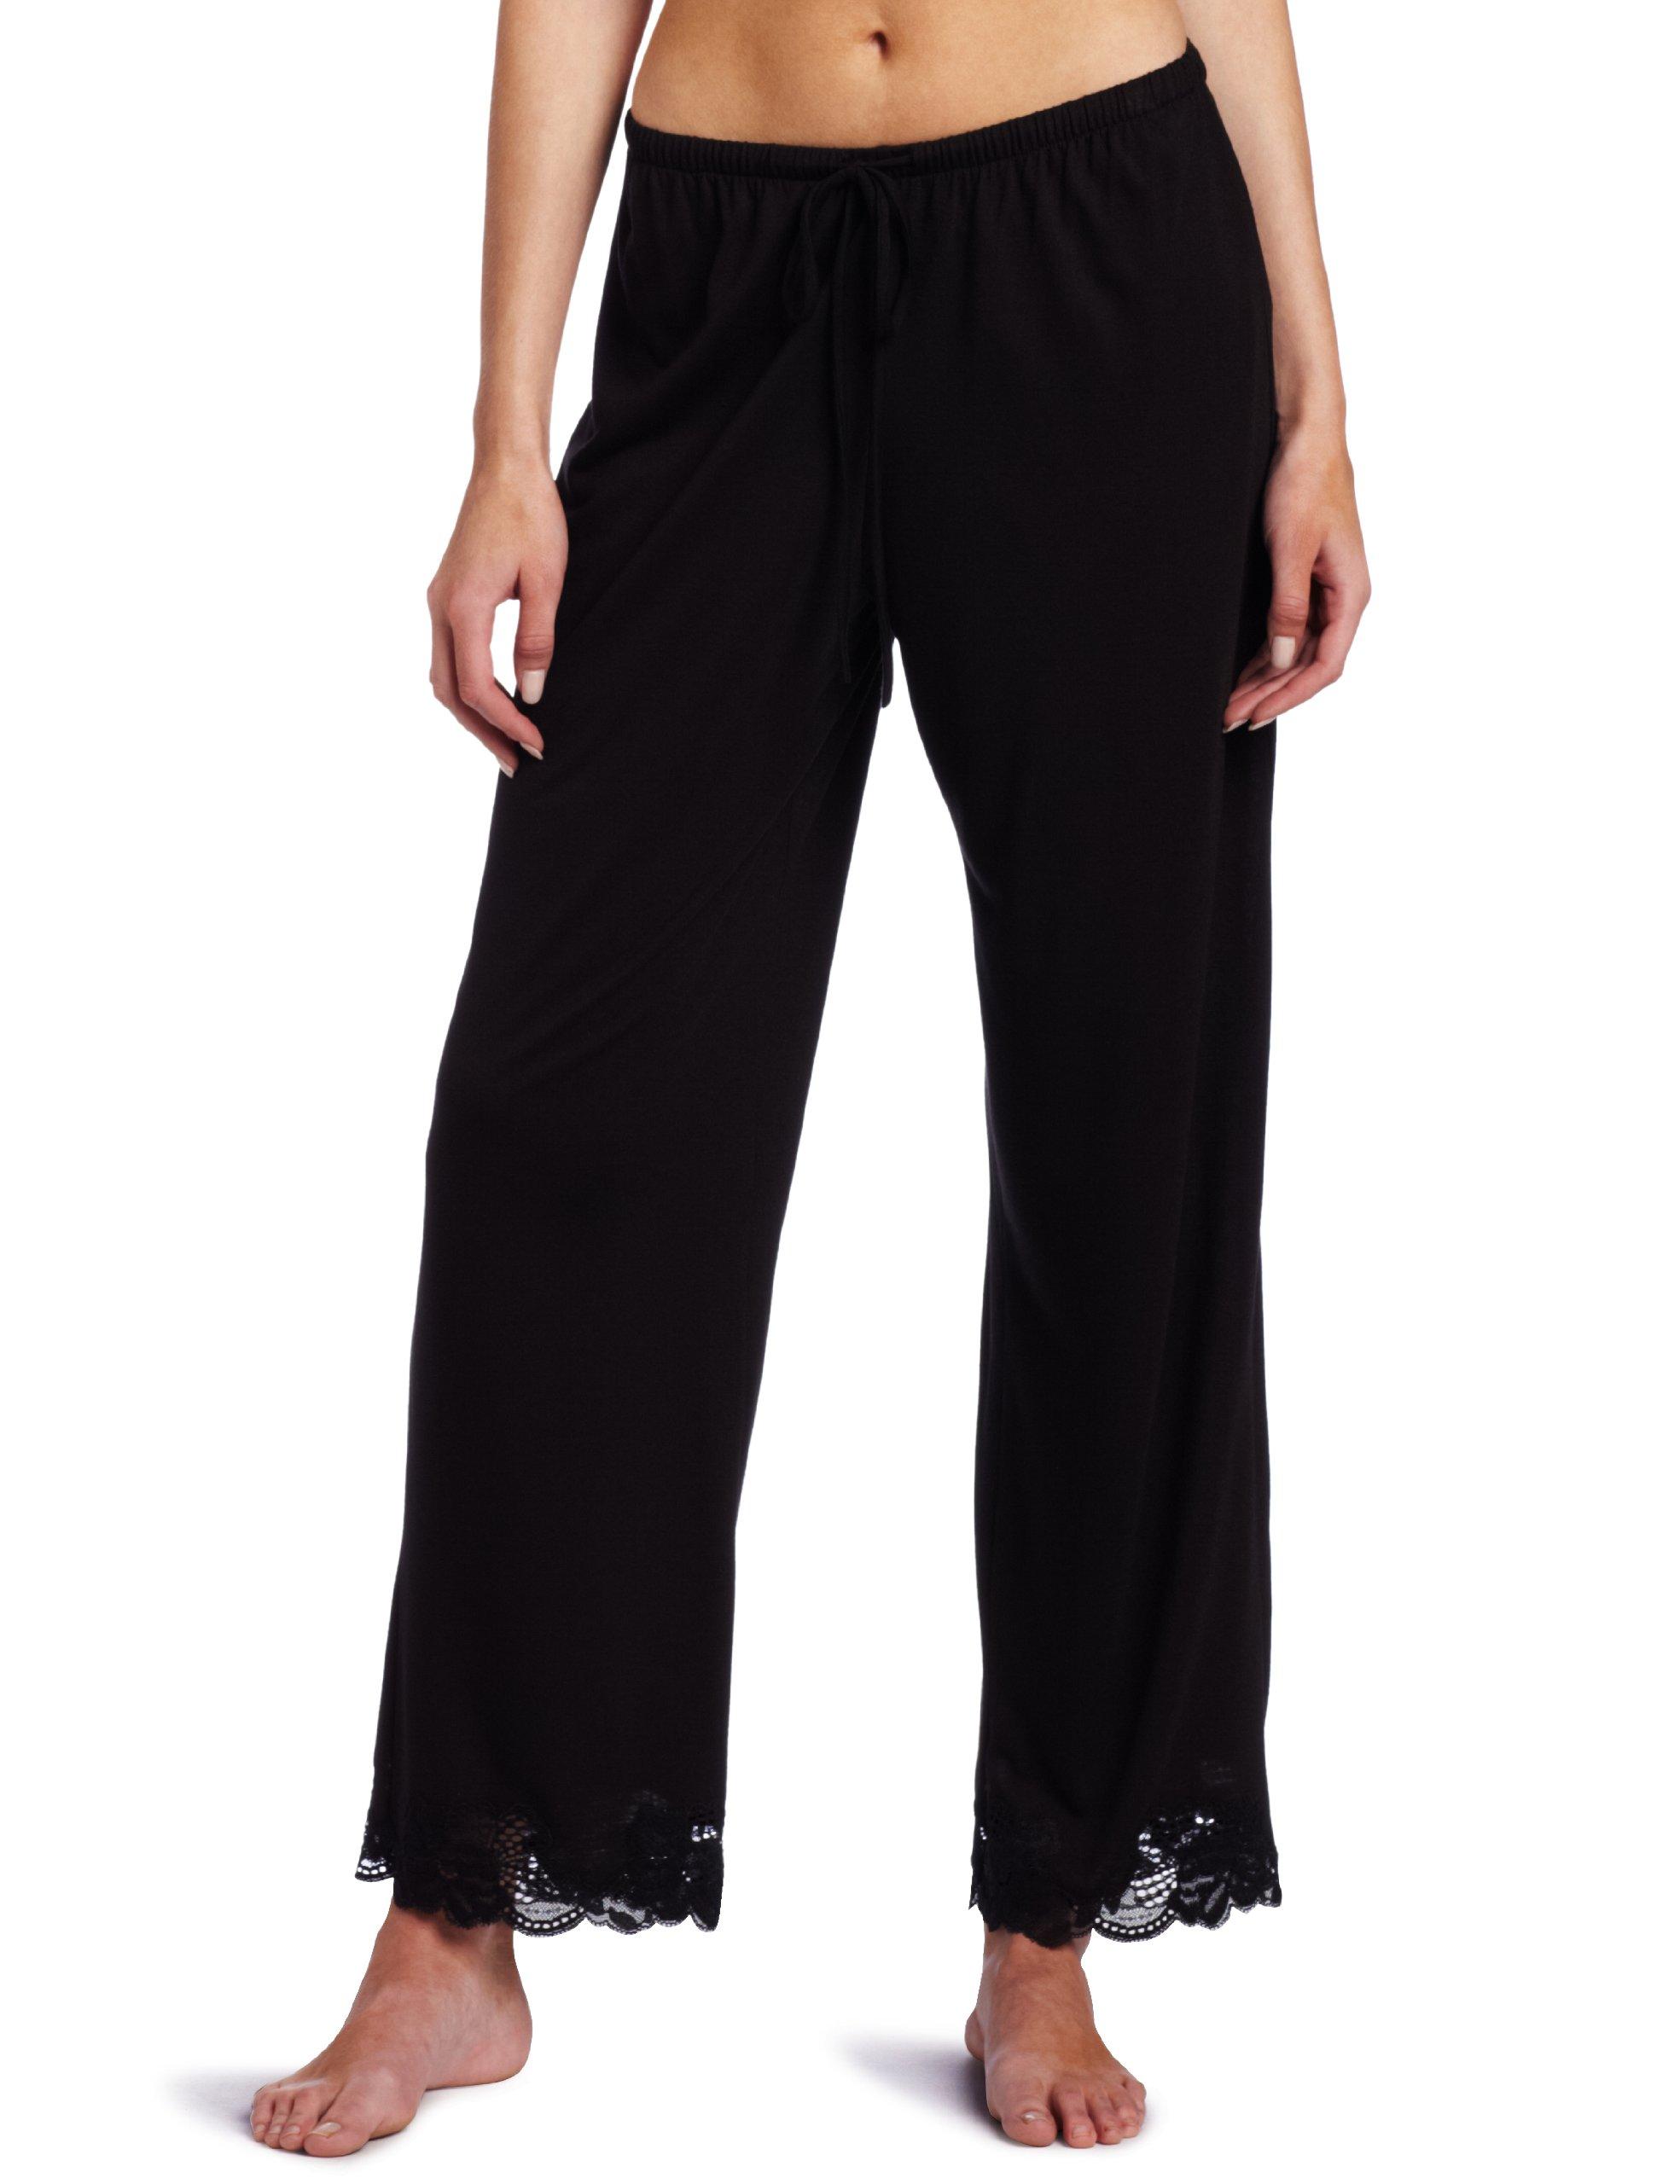 Natori Women's Plus-Size Zen Floral Pajama Set, Black, 2X by Natori (Image #3)